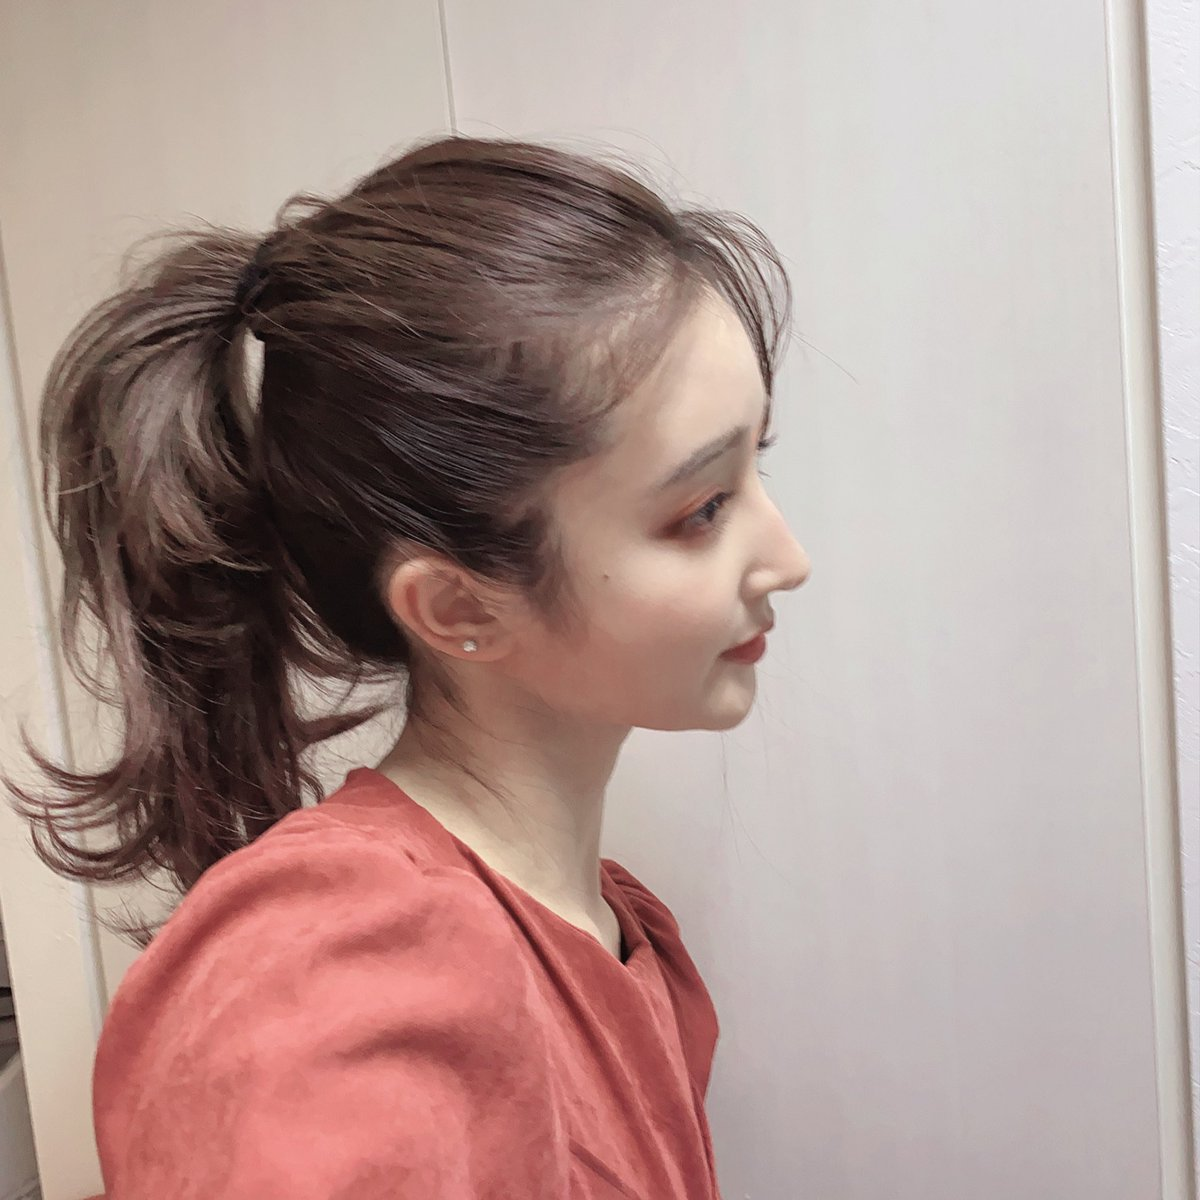 前髪伸ばしてやりたかった髪型これです!ラフなのに上品な感じになるから、やりたかったんです